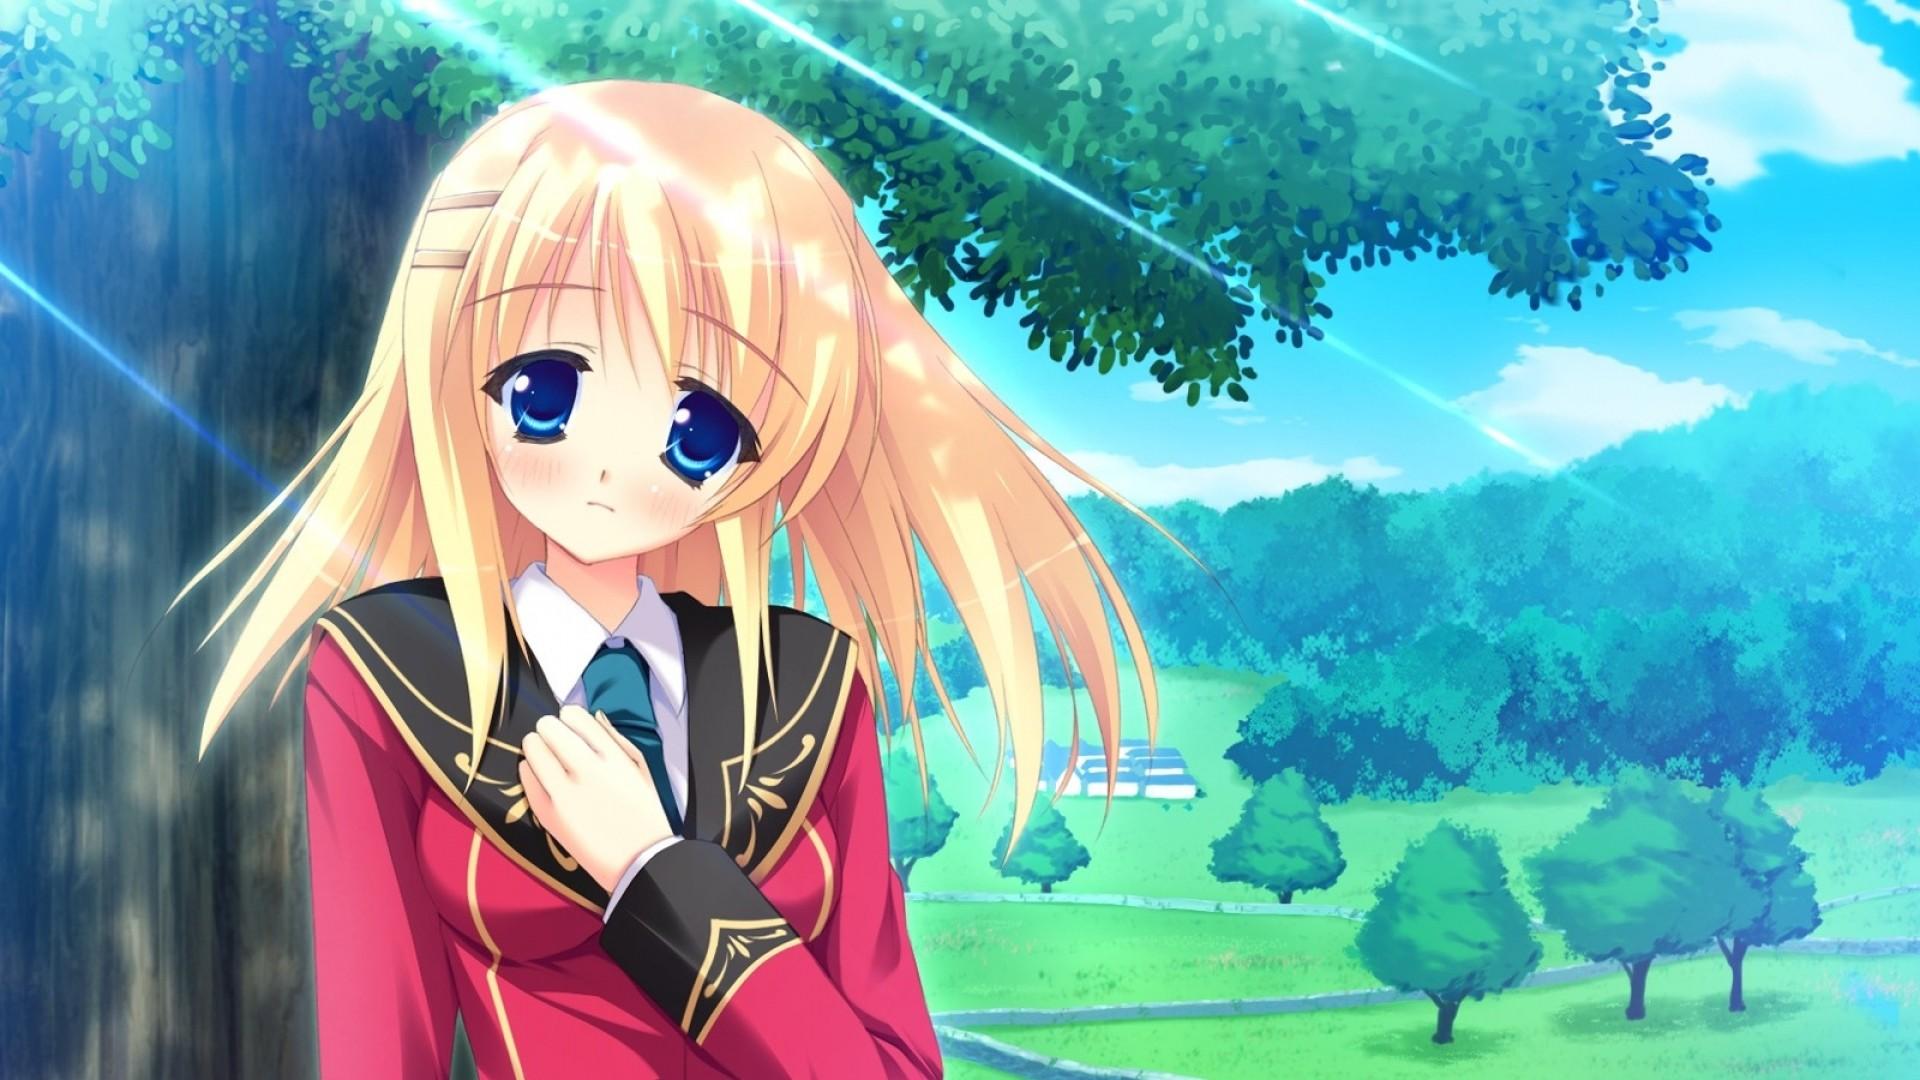 Hình ảnh anime Girl buồn 42